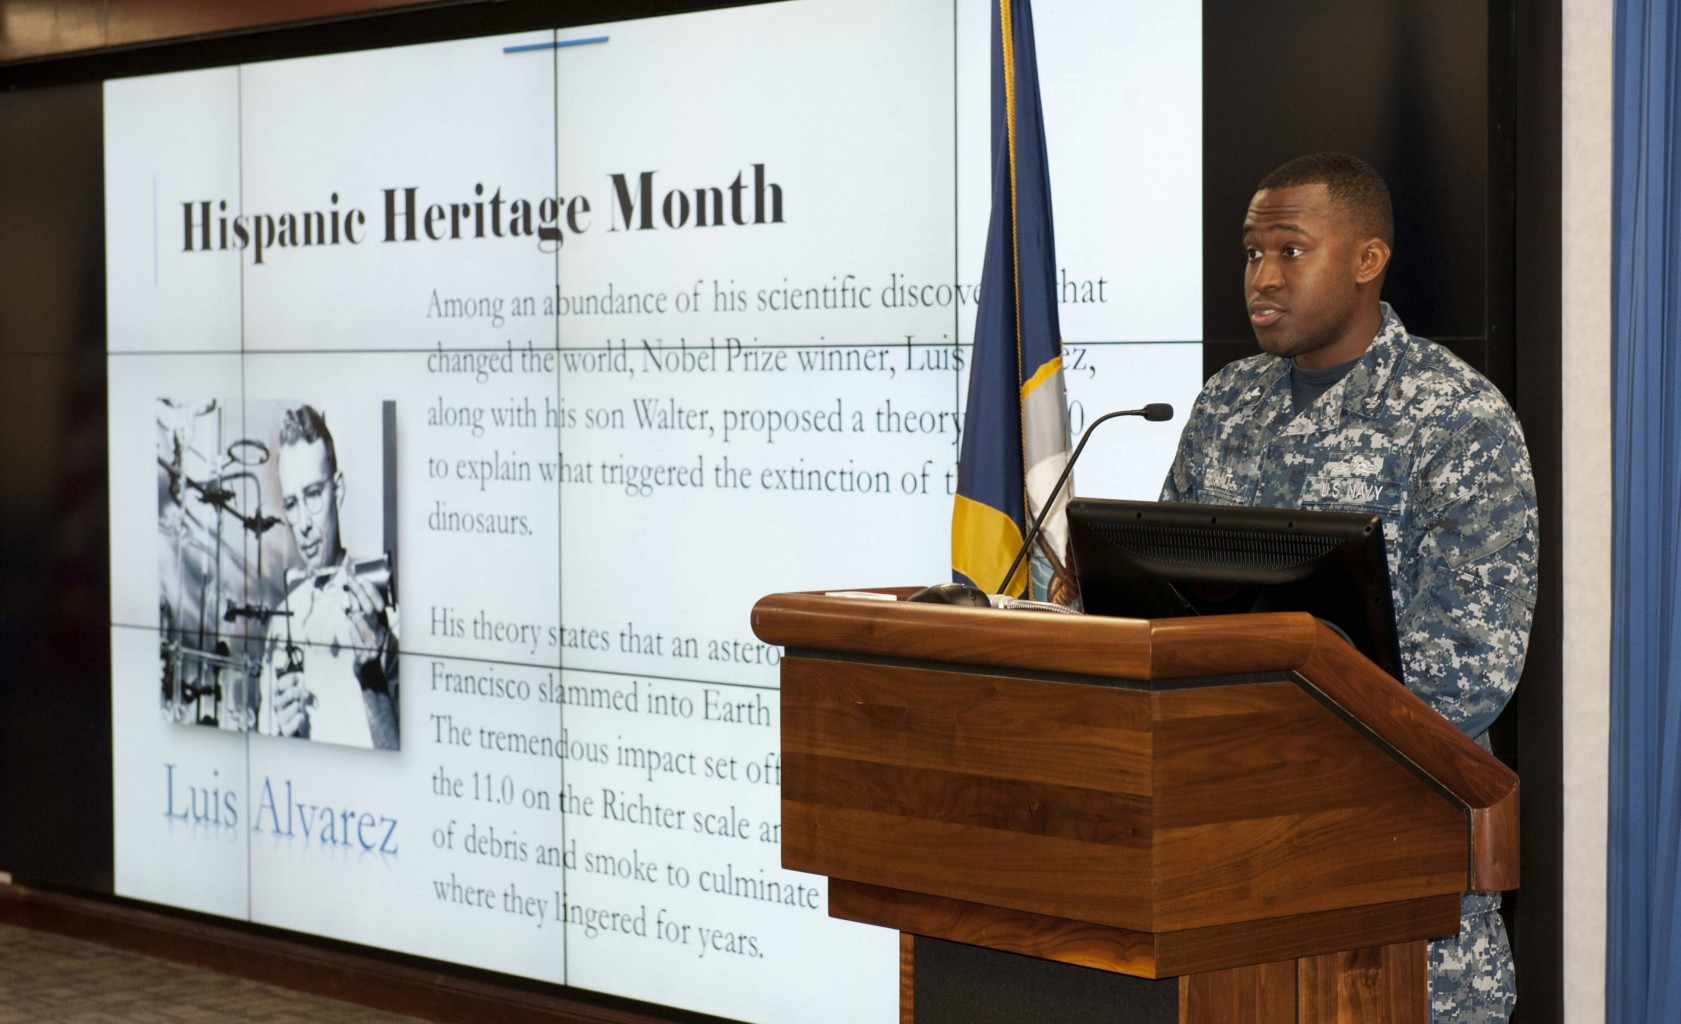 Marina de guerra de Estados Unidos observa el mes de la Herencia Hispana